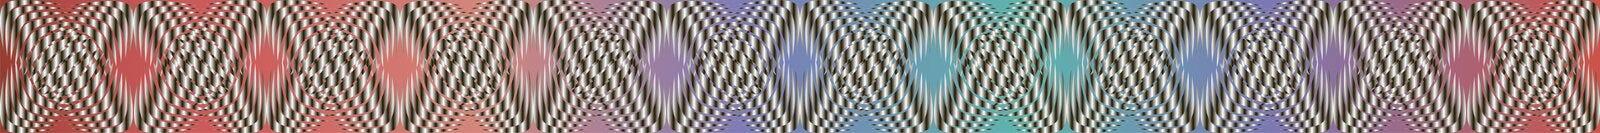 Γεωμετρικά σχέδια με την αφθονία 7 κλίσης στοκ φωτογραφίες